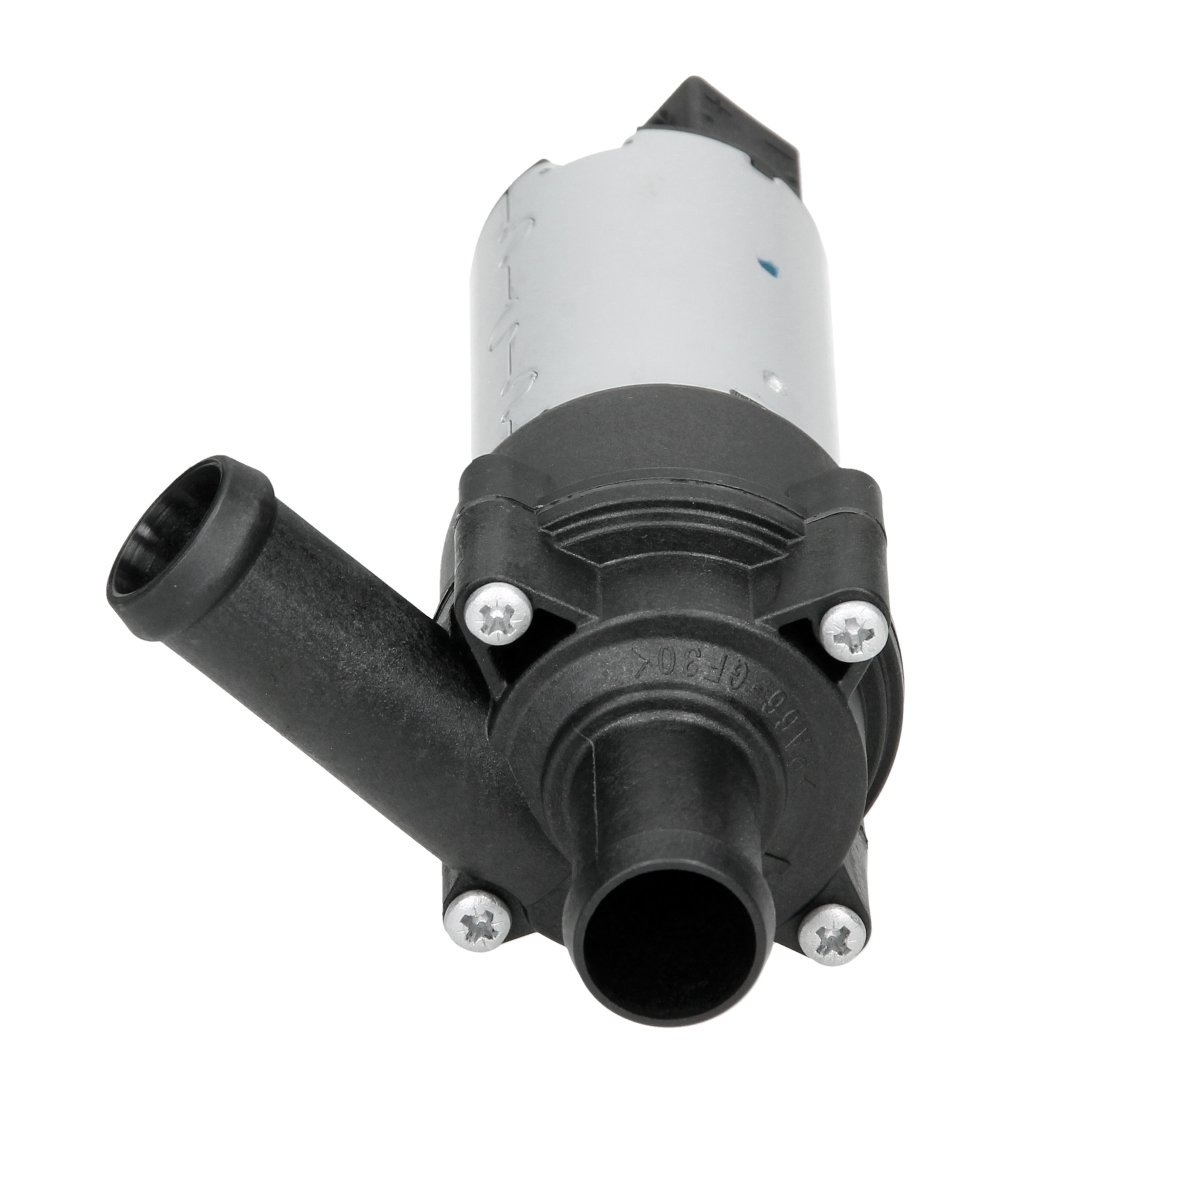 ECD Germany ZWP006 Zusatzwasserpumpe f/ür Heizung Wasserumw/älzpumpe Wasserpumpe Standheizung elektrisch